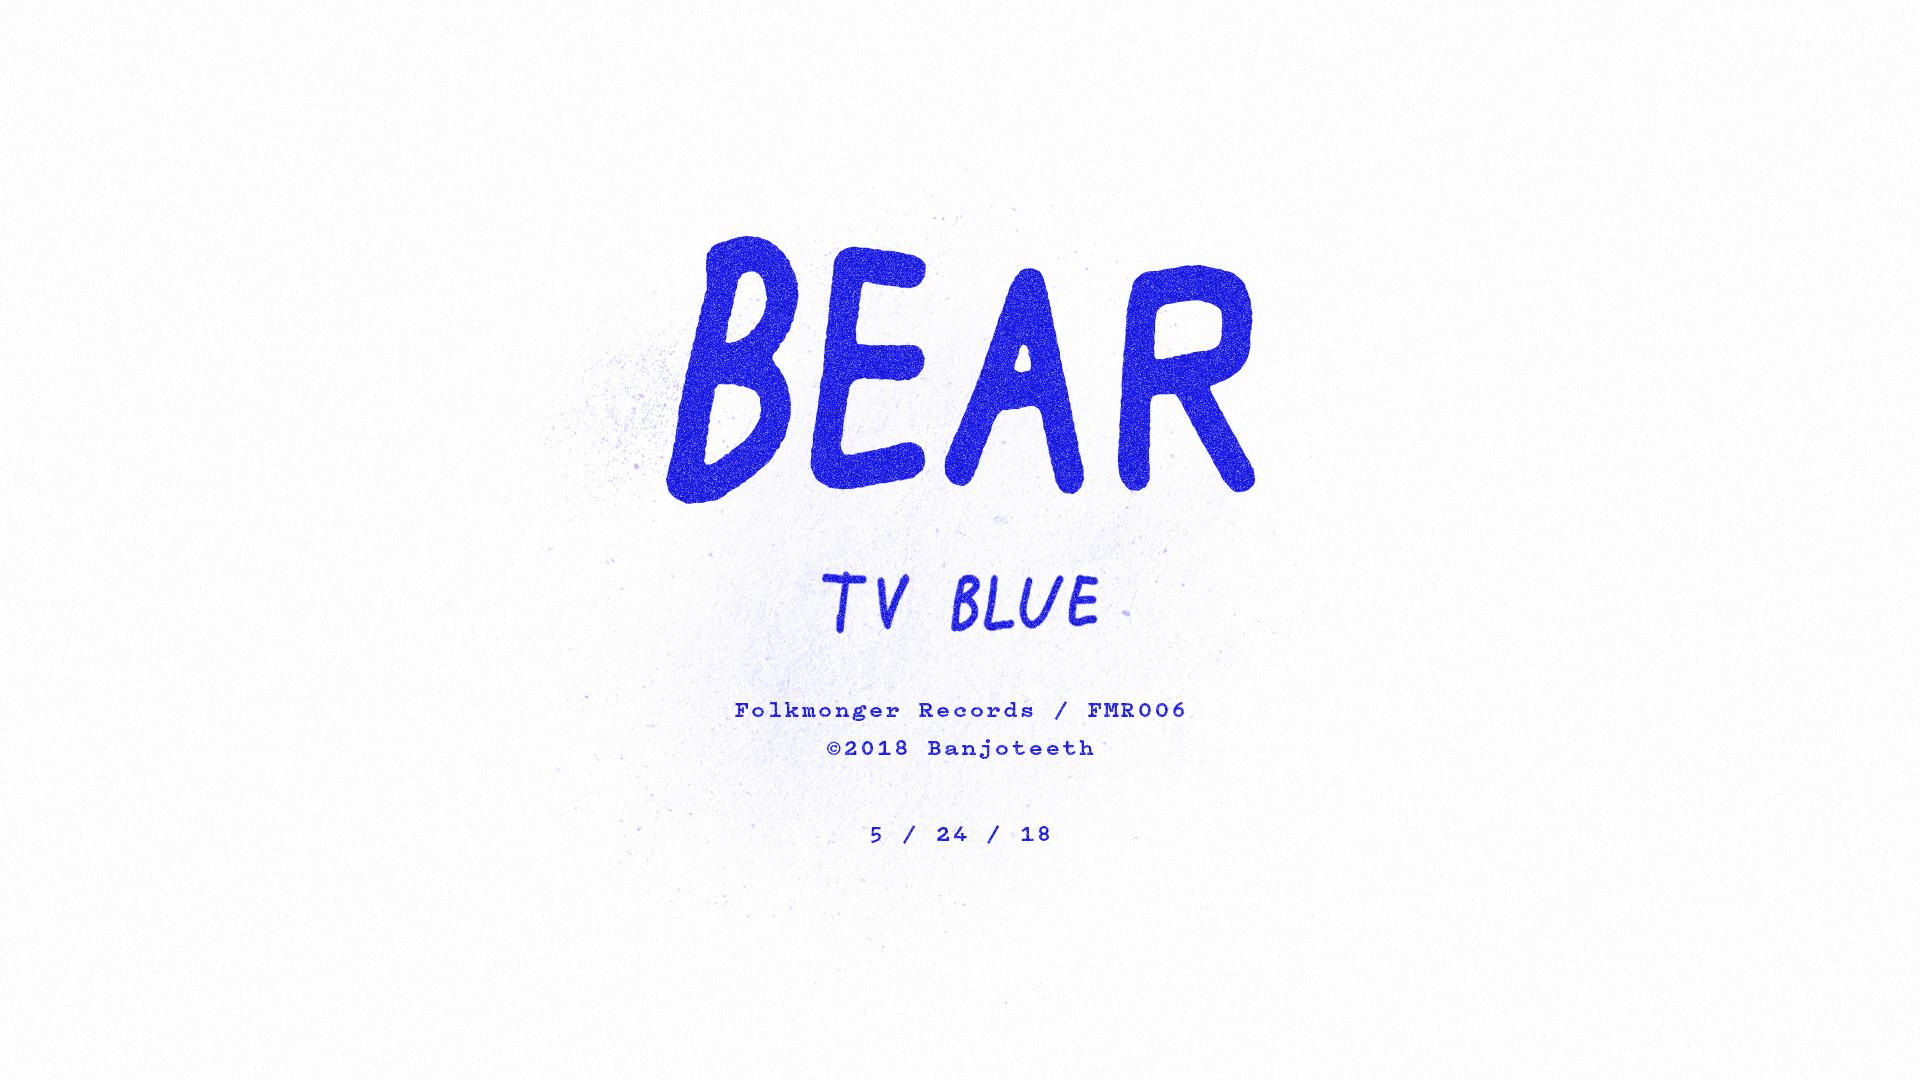 BEAR_Cassette_Type